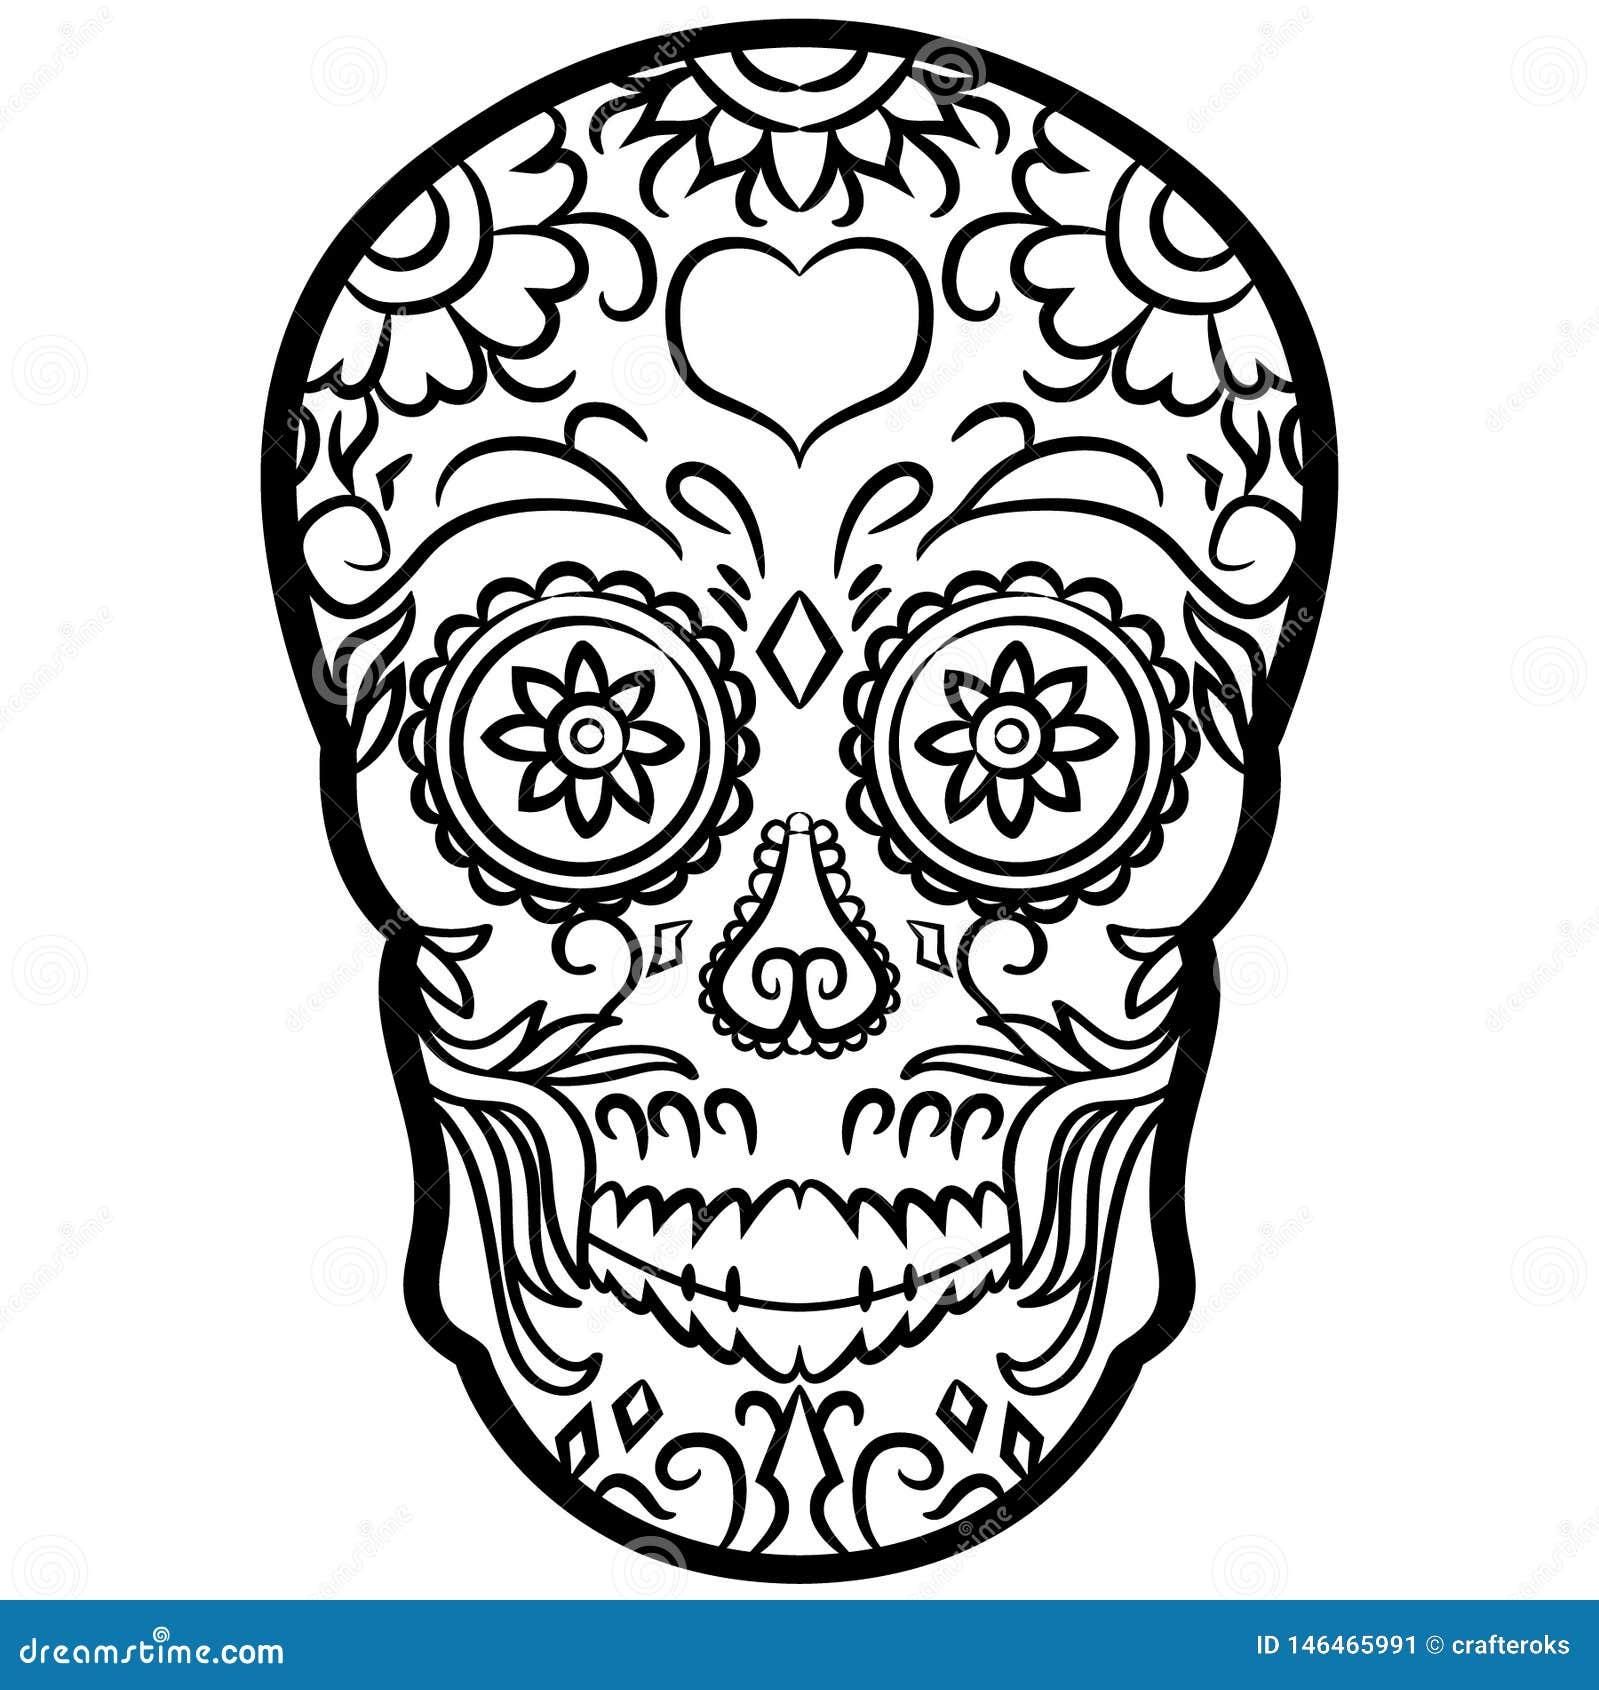 Cukrowa czaszka wektoru eps r?ka rysuj?ca, wektor, Eps, logo, ikona, sylwetki ilustracja crafteroks dla r??nego u?ywa Odwiedza m?